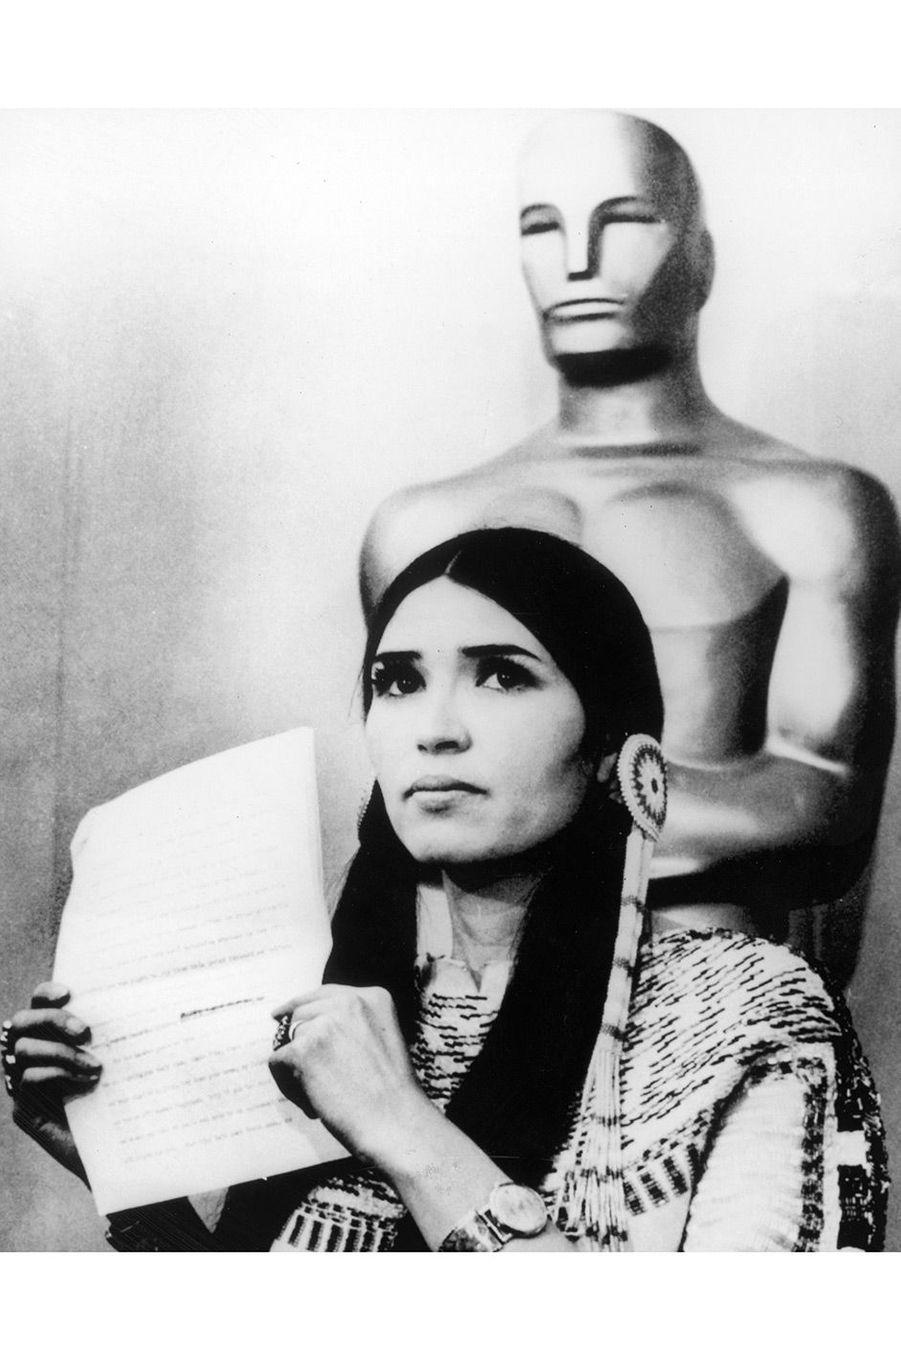 """45ème cérémonie des Oscars (1973)Quand l'Oscar du meilleur acteur est décerné à Marlon Brando pour son rôle dans """"Le Parrain"""", de Francis Ford Coppola, ce n'est pas le comédien qui se présente sur scène mais l'activiste Sacheen Littlefeather. """"Je représente Marlon Brando ce soir, et il m'a demandé de vous dire... qu'il regrette de ne pas pouvoir accepter cette généreuse récompense. La raison : le traitement des Indiens d'Amérique par l'industrie du cinéma"""". Plus tard, elle commentera ce moment ainsi : """"John Wayne était prêt à me faire sortir de scène à tout moment"""".(Photo : Sacheen Littlefeather brandit le discours qu'elle a fait sur la scène des Oscars à la place de Marlon Brando, en 1973)"""